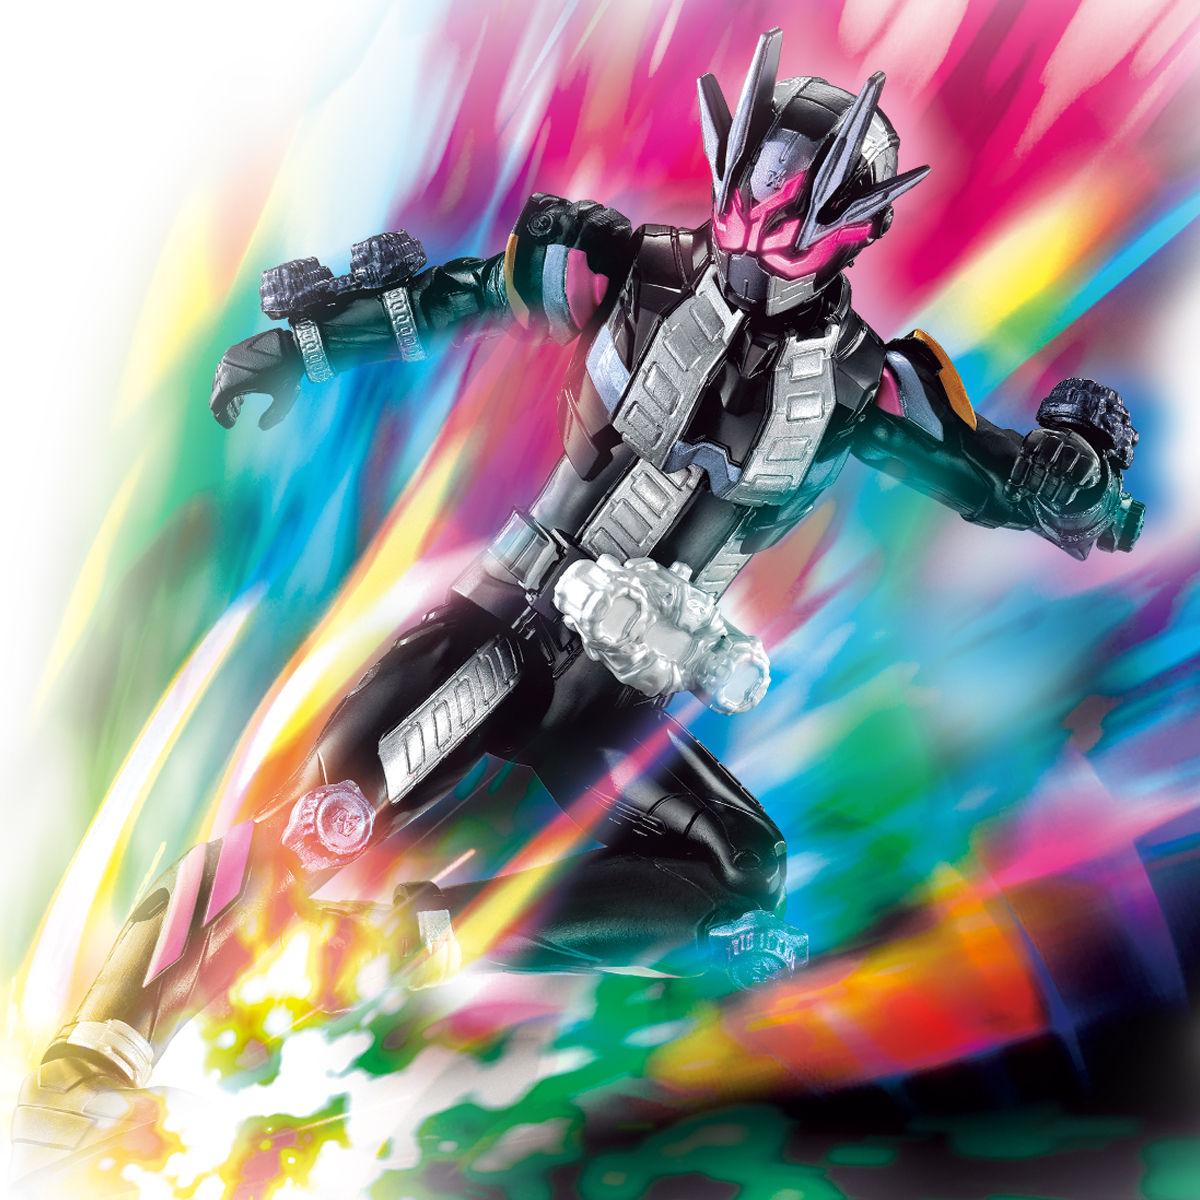 RKFライダーアーマーシリーズ『仮面ライダージオウII』可動フィギュア-006